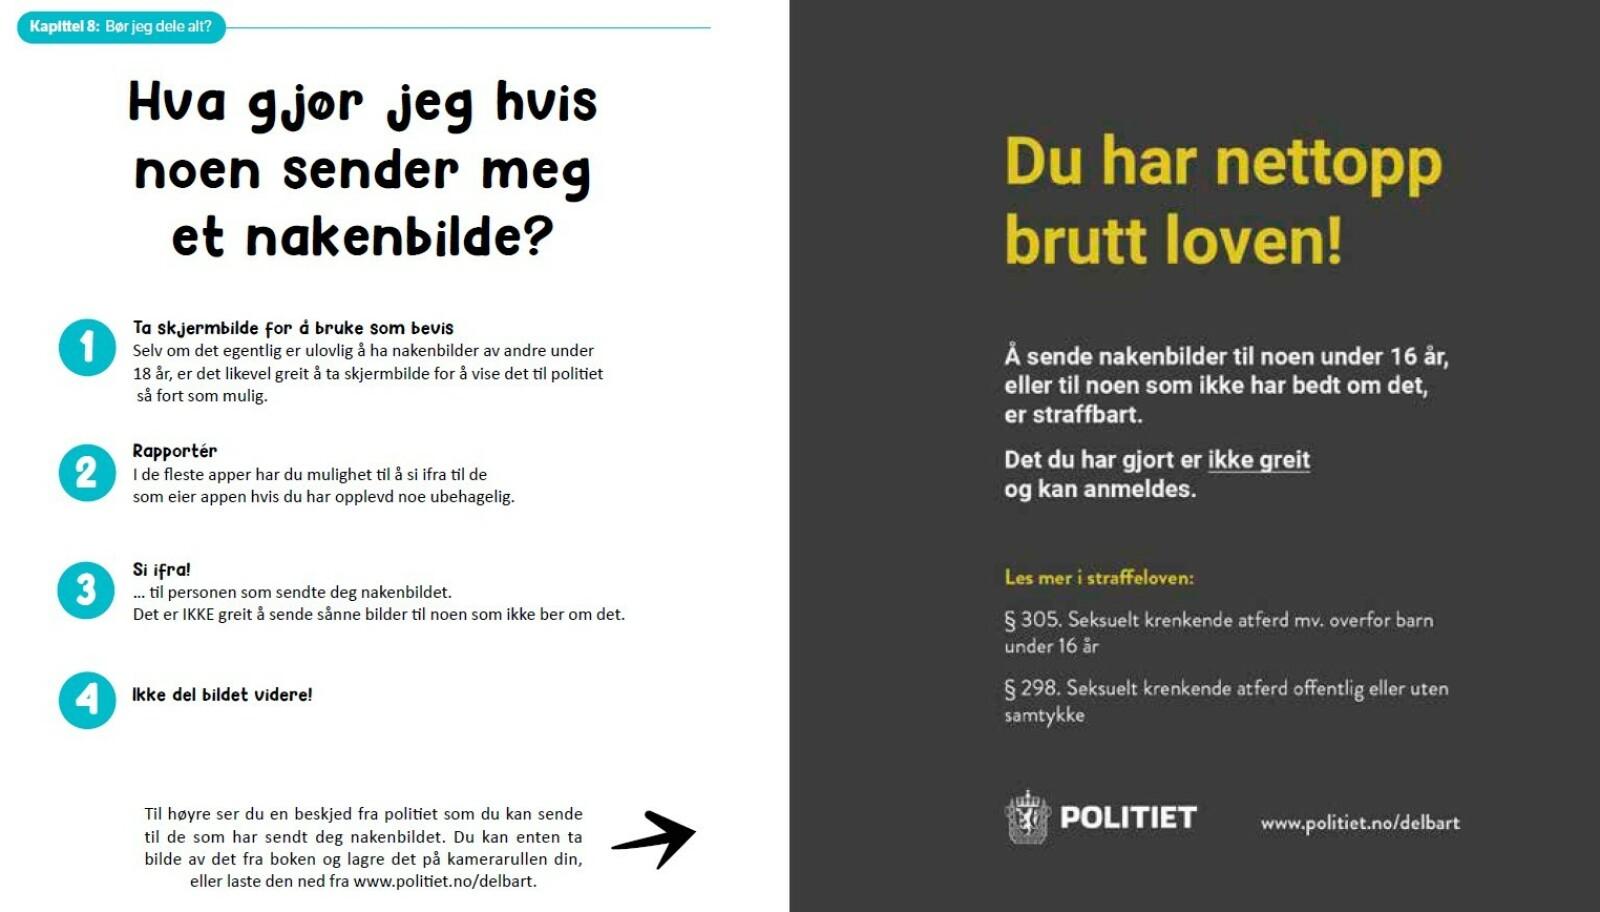 NETTVETT OM NAKENBILDER: Denne siden er hentet fra NETTVETT-boken skrevet av Johannes Slettedal. ILLUSTRASJON: Nettvett// Gyldendal // Martin Aas